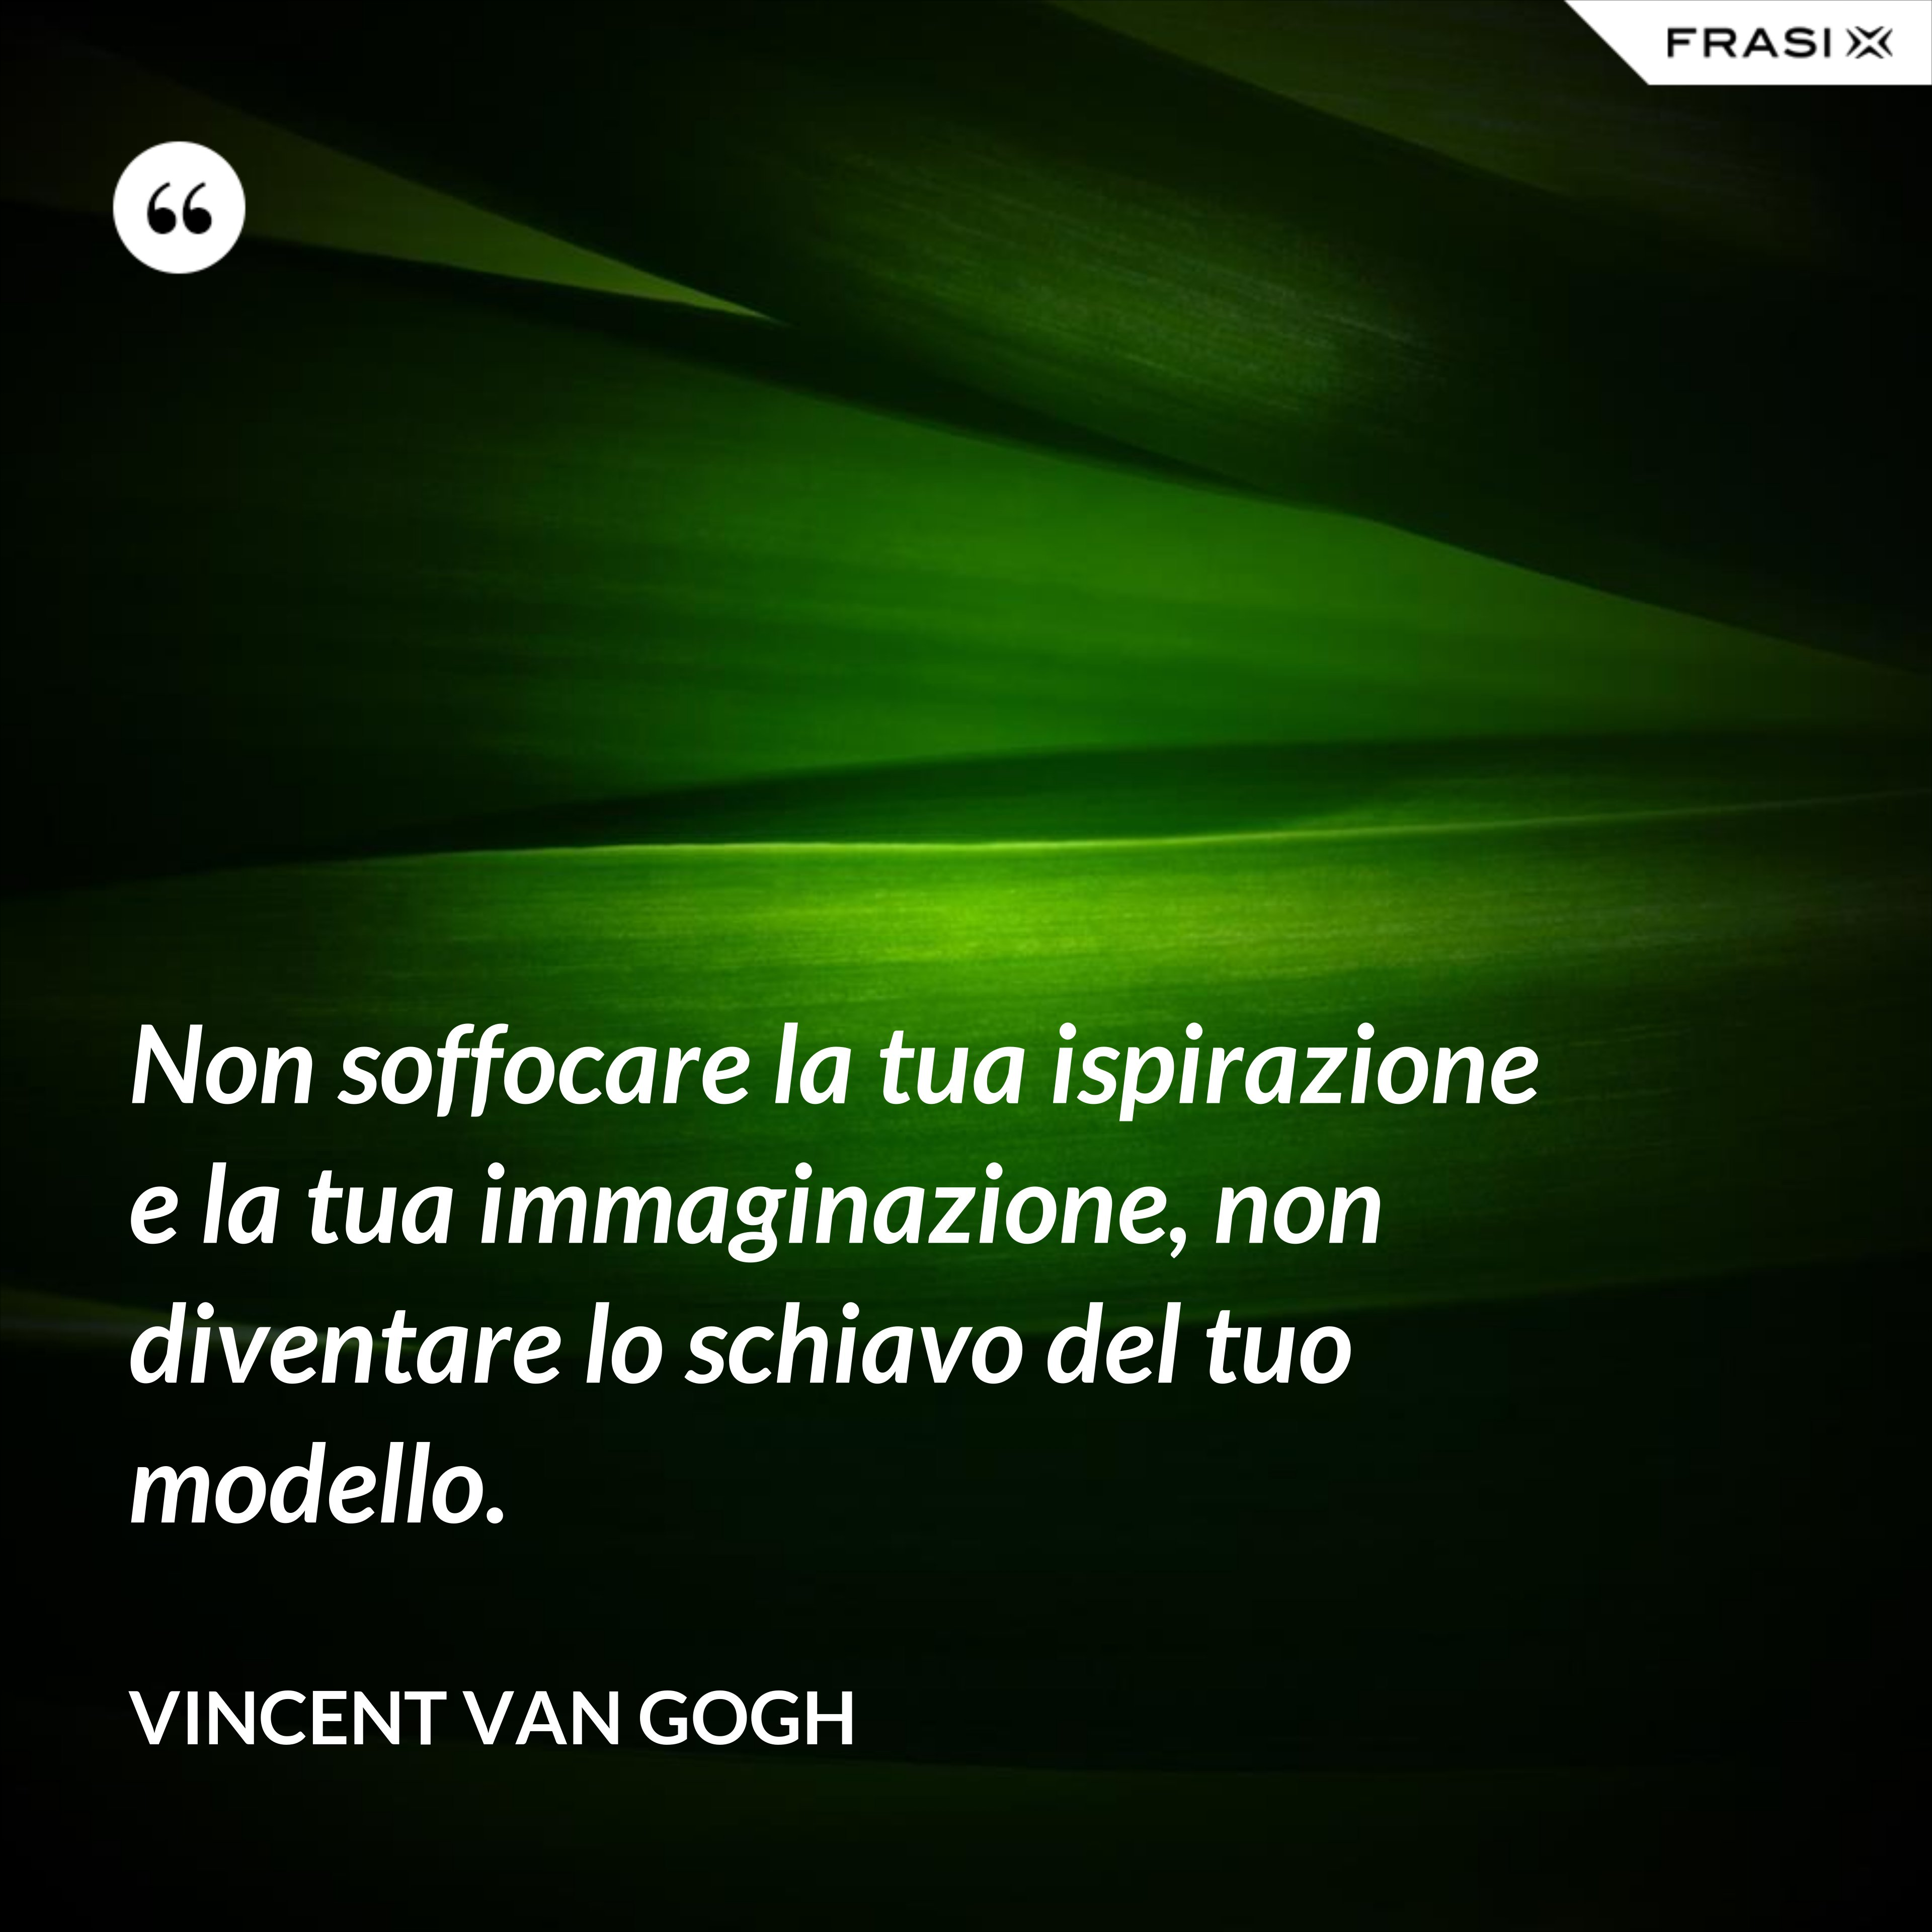 Non soffocare la tua ispirazione e la tua immaginazione, non diventare lo schiavo del tuo modello. - Vincent Van Gogh